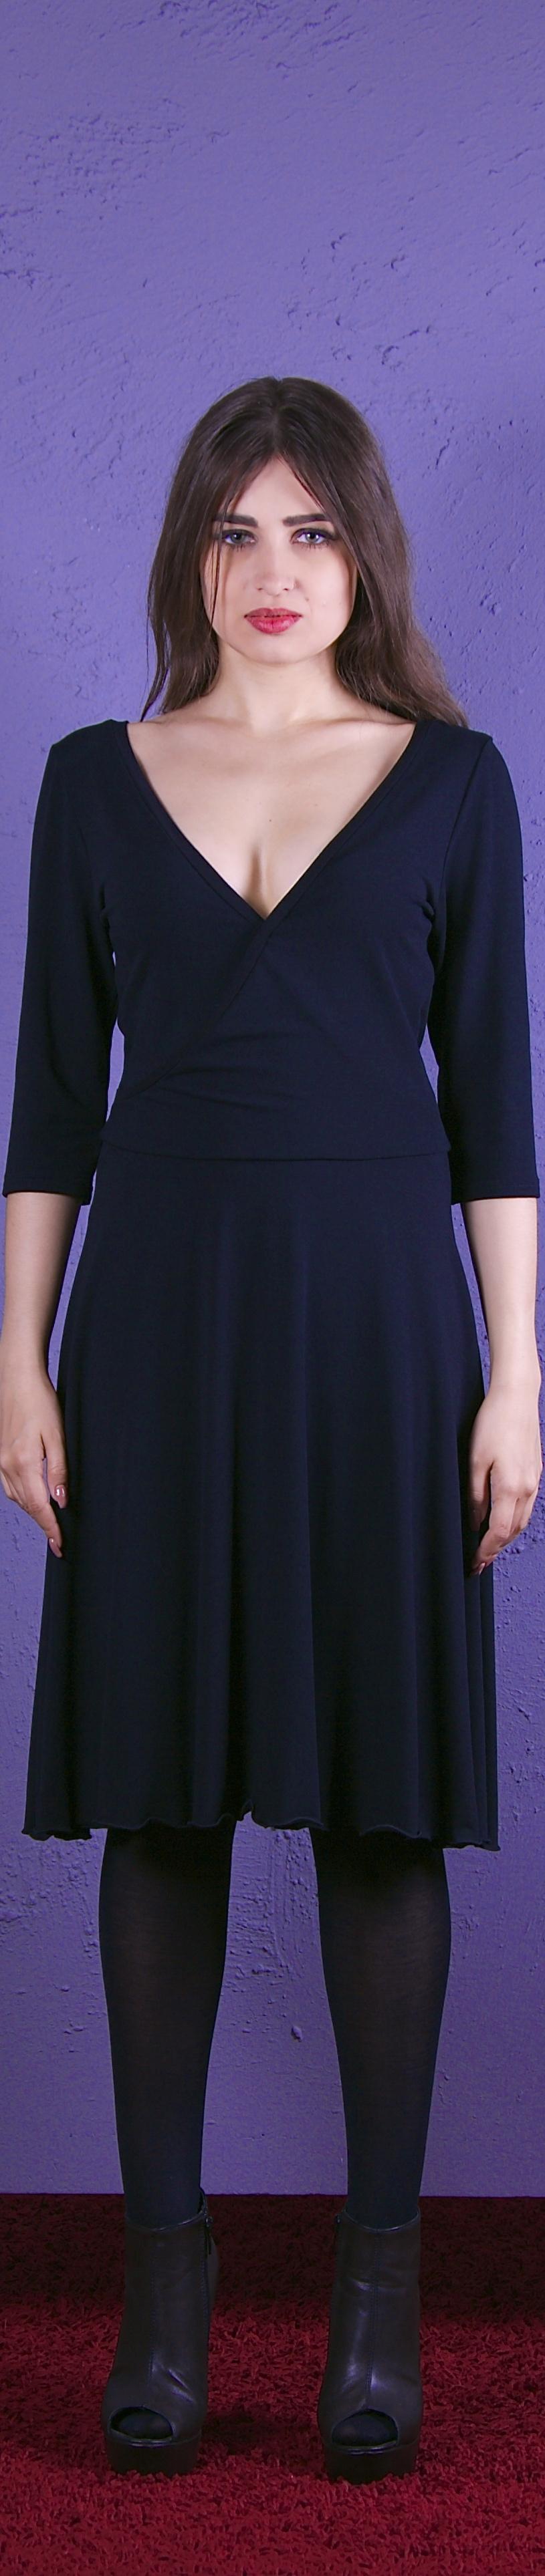 nara.com.de DRESSES KLEIDER